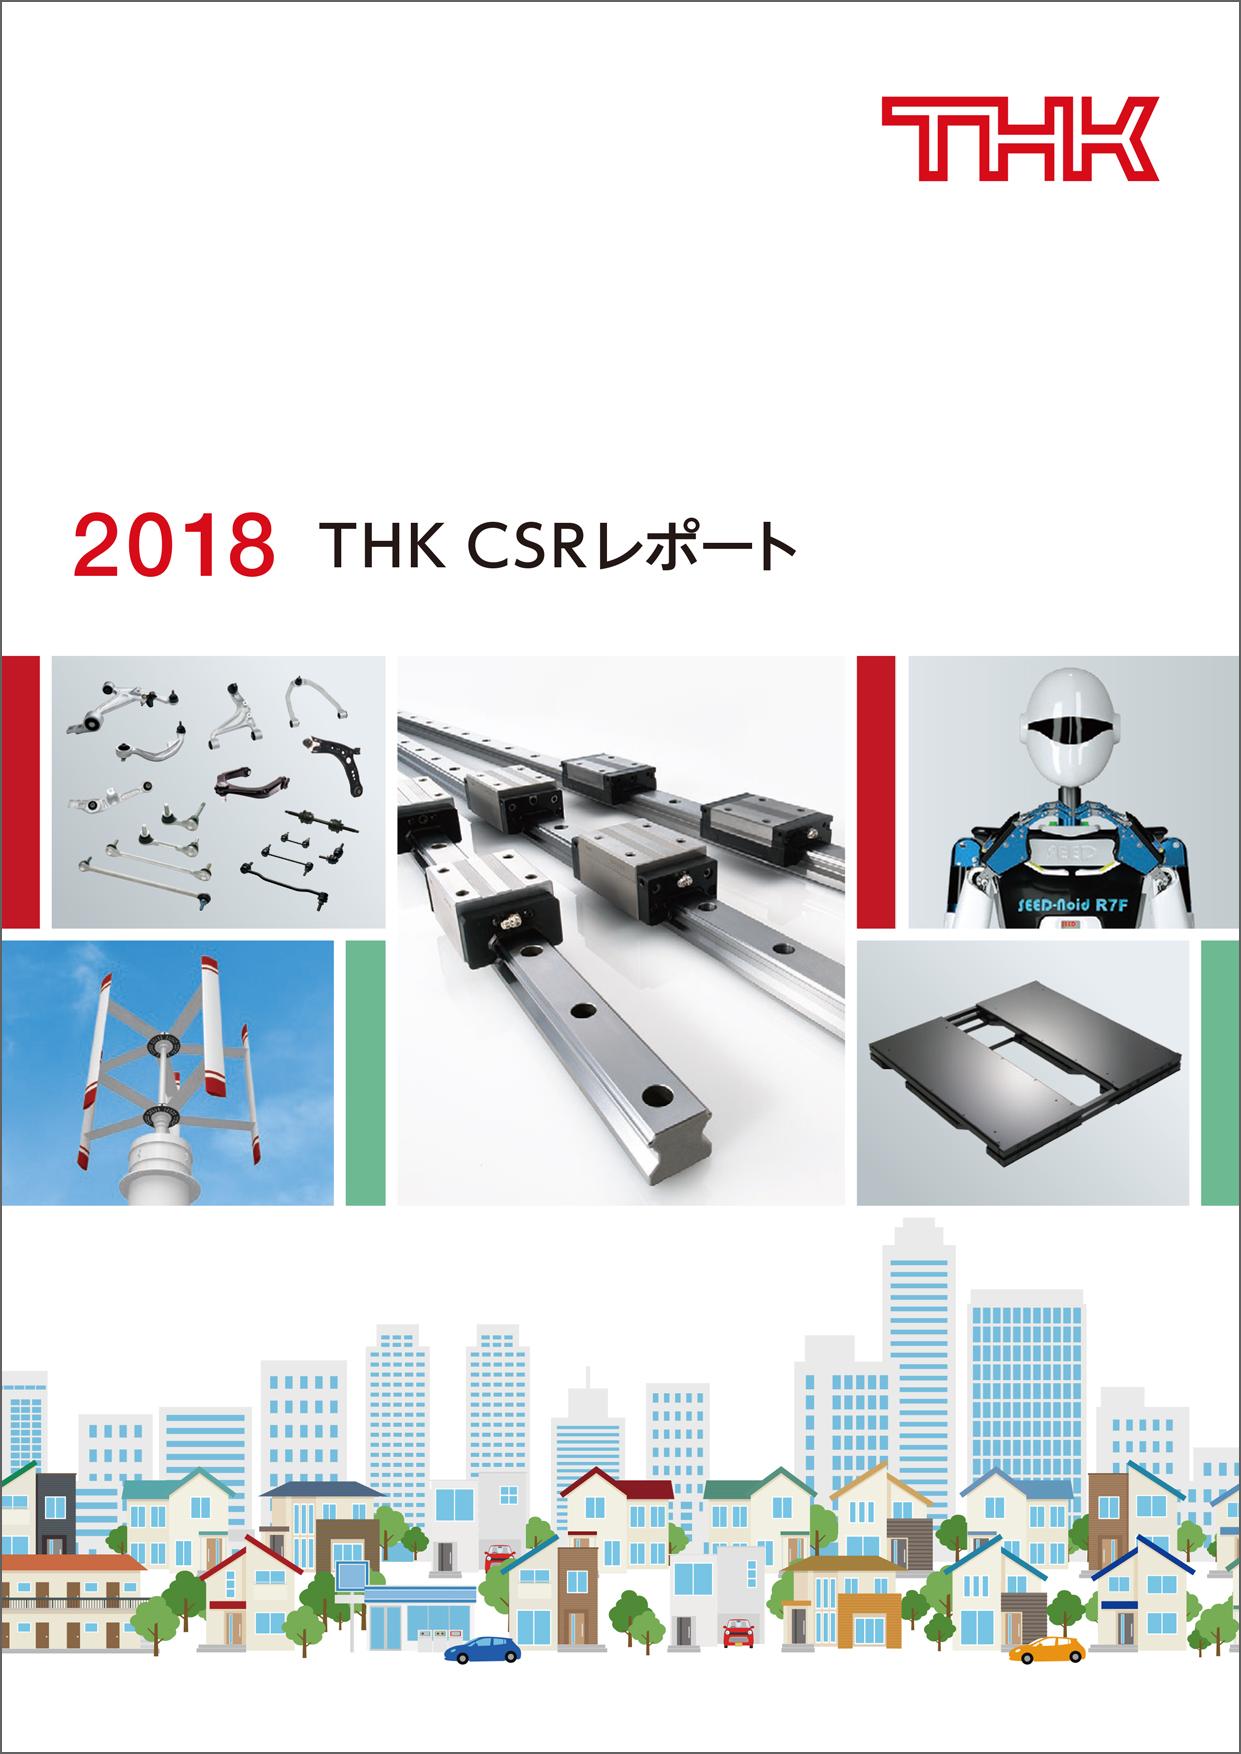 THK CSRレポート 2018